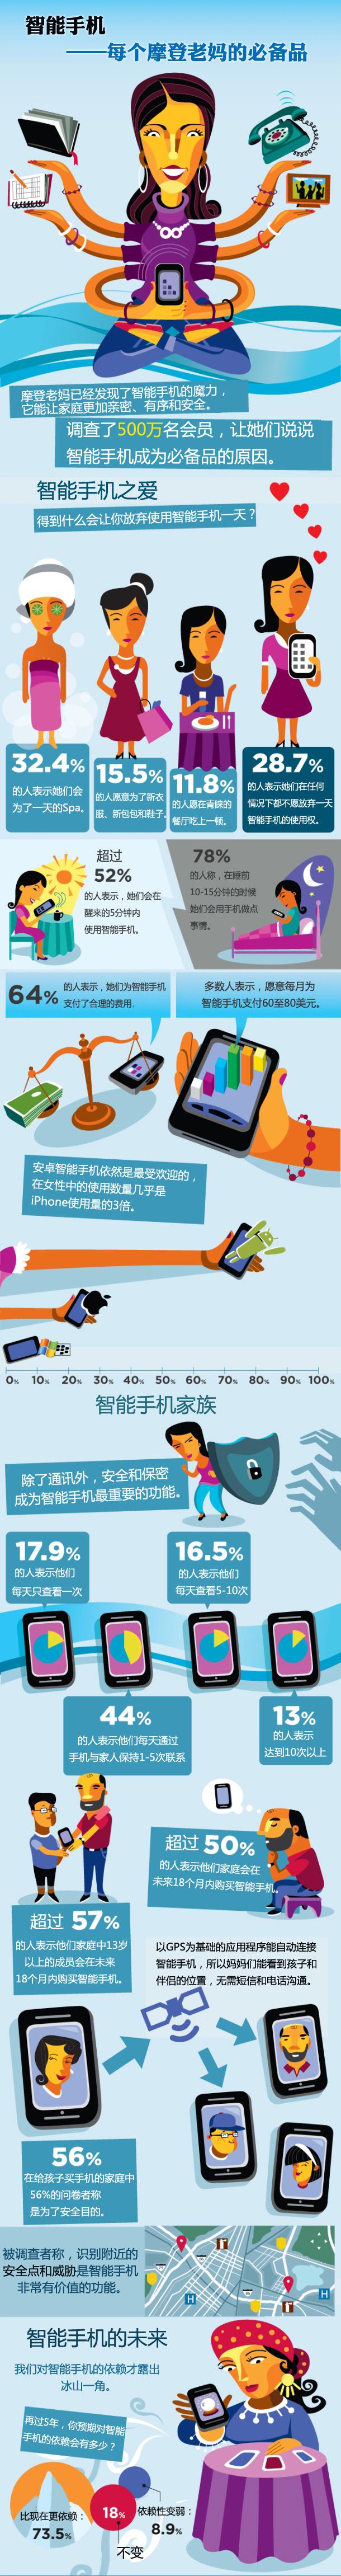 信息图第206期――智能手机:每个摩登老妈的必备品